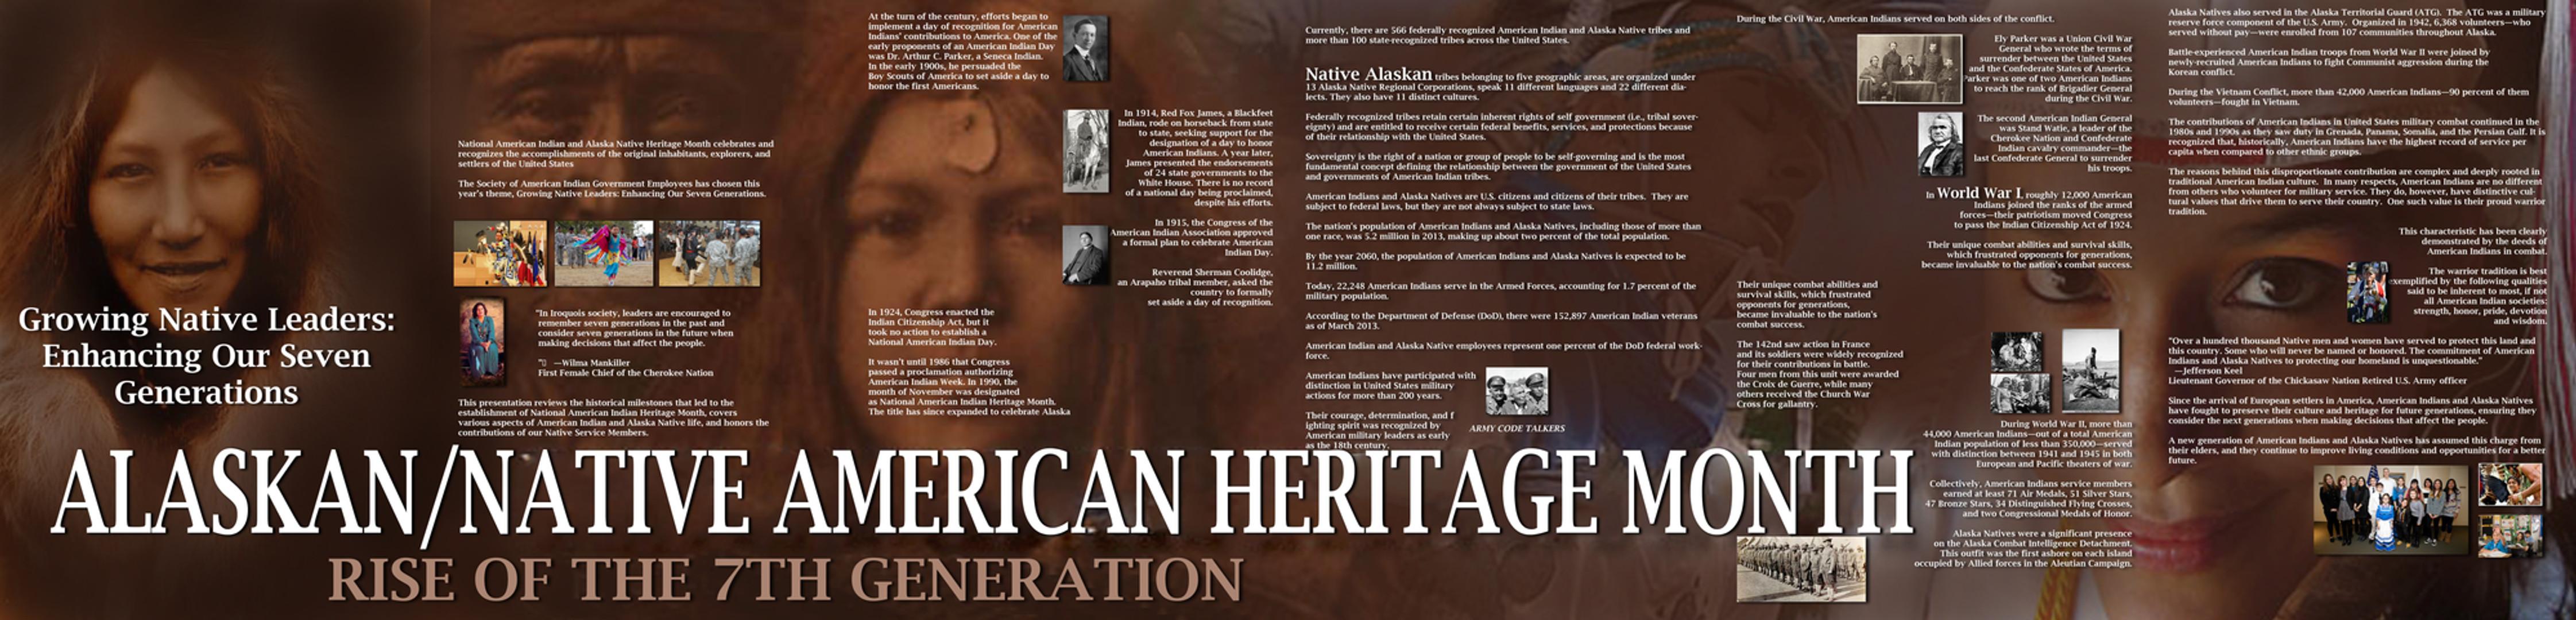 Alaskan/Native American Heritage